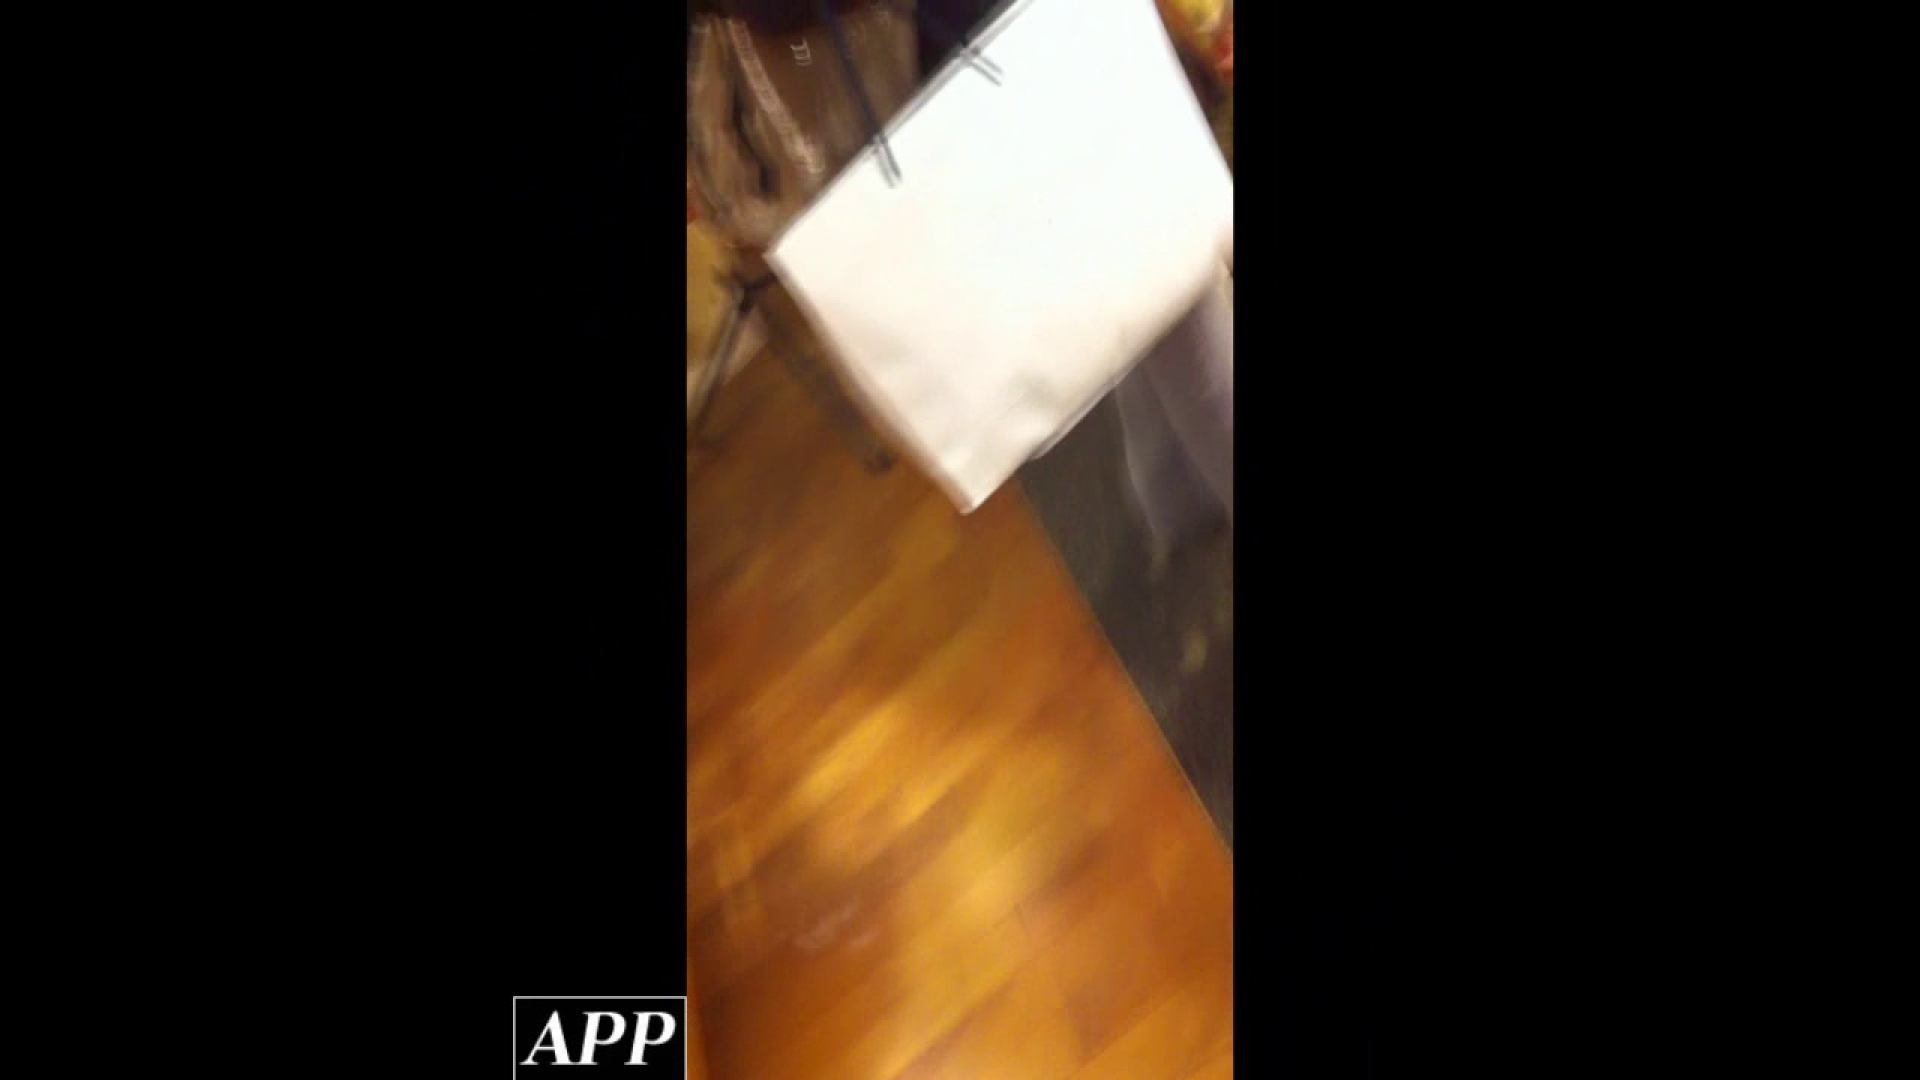 ハイビジョン盗撮!ショップ店員千人斬り!胸チラ編 vol.76 盗撮特集 | チラ  72画像 71